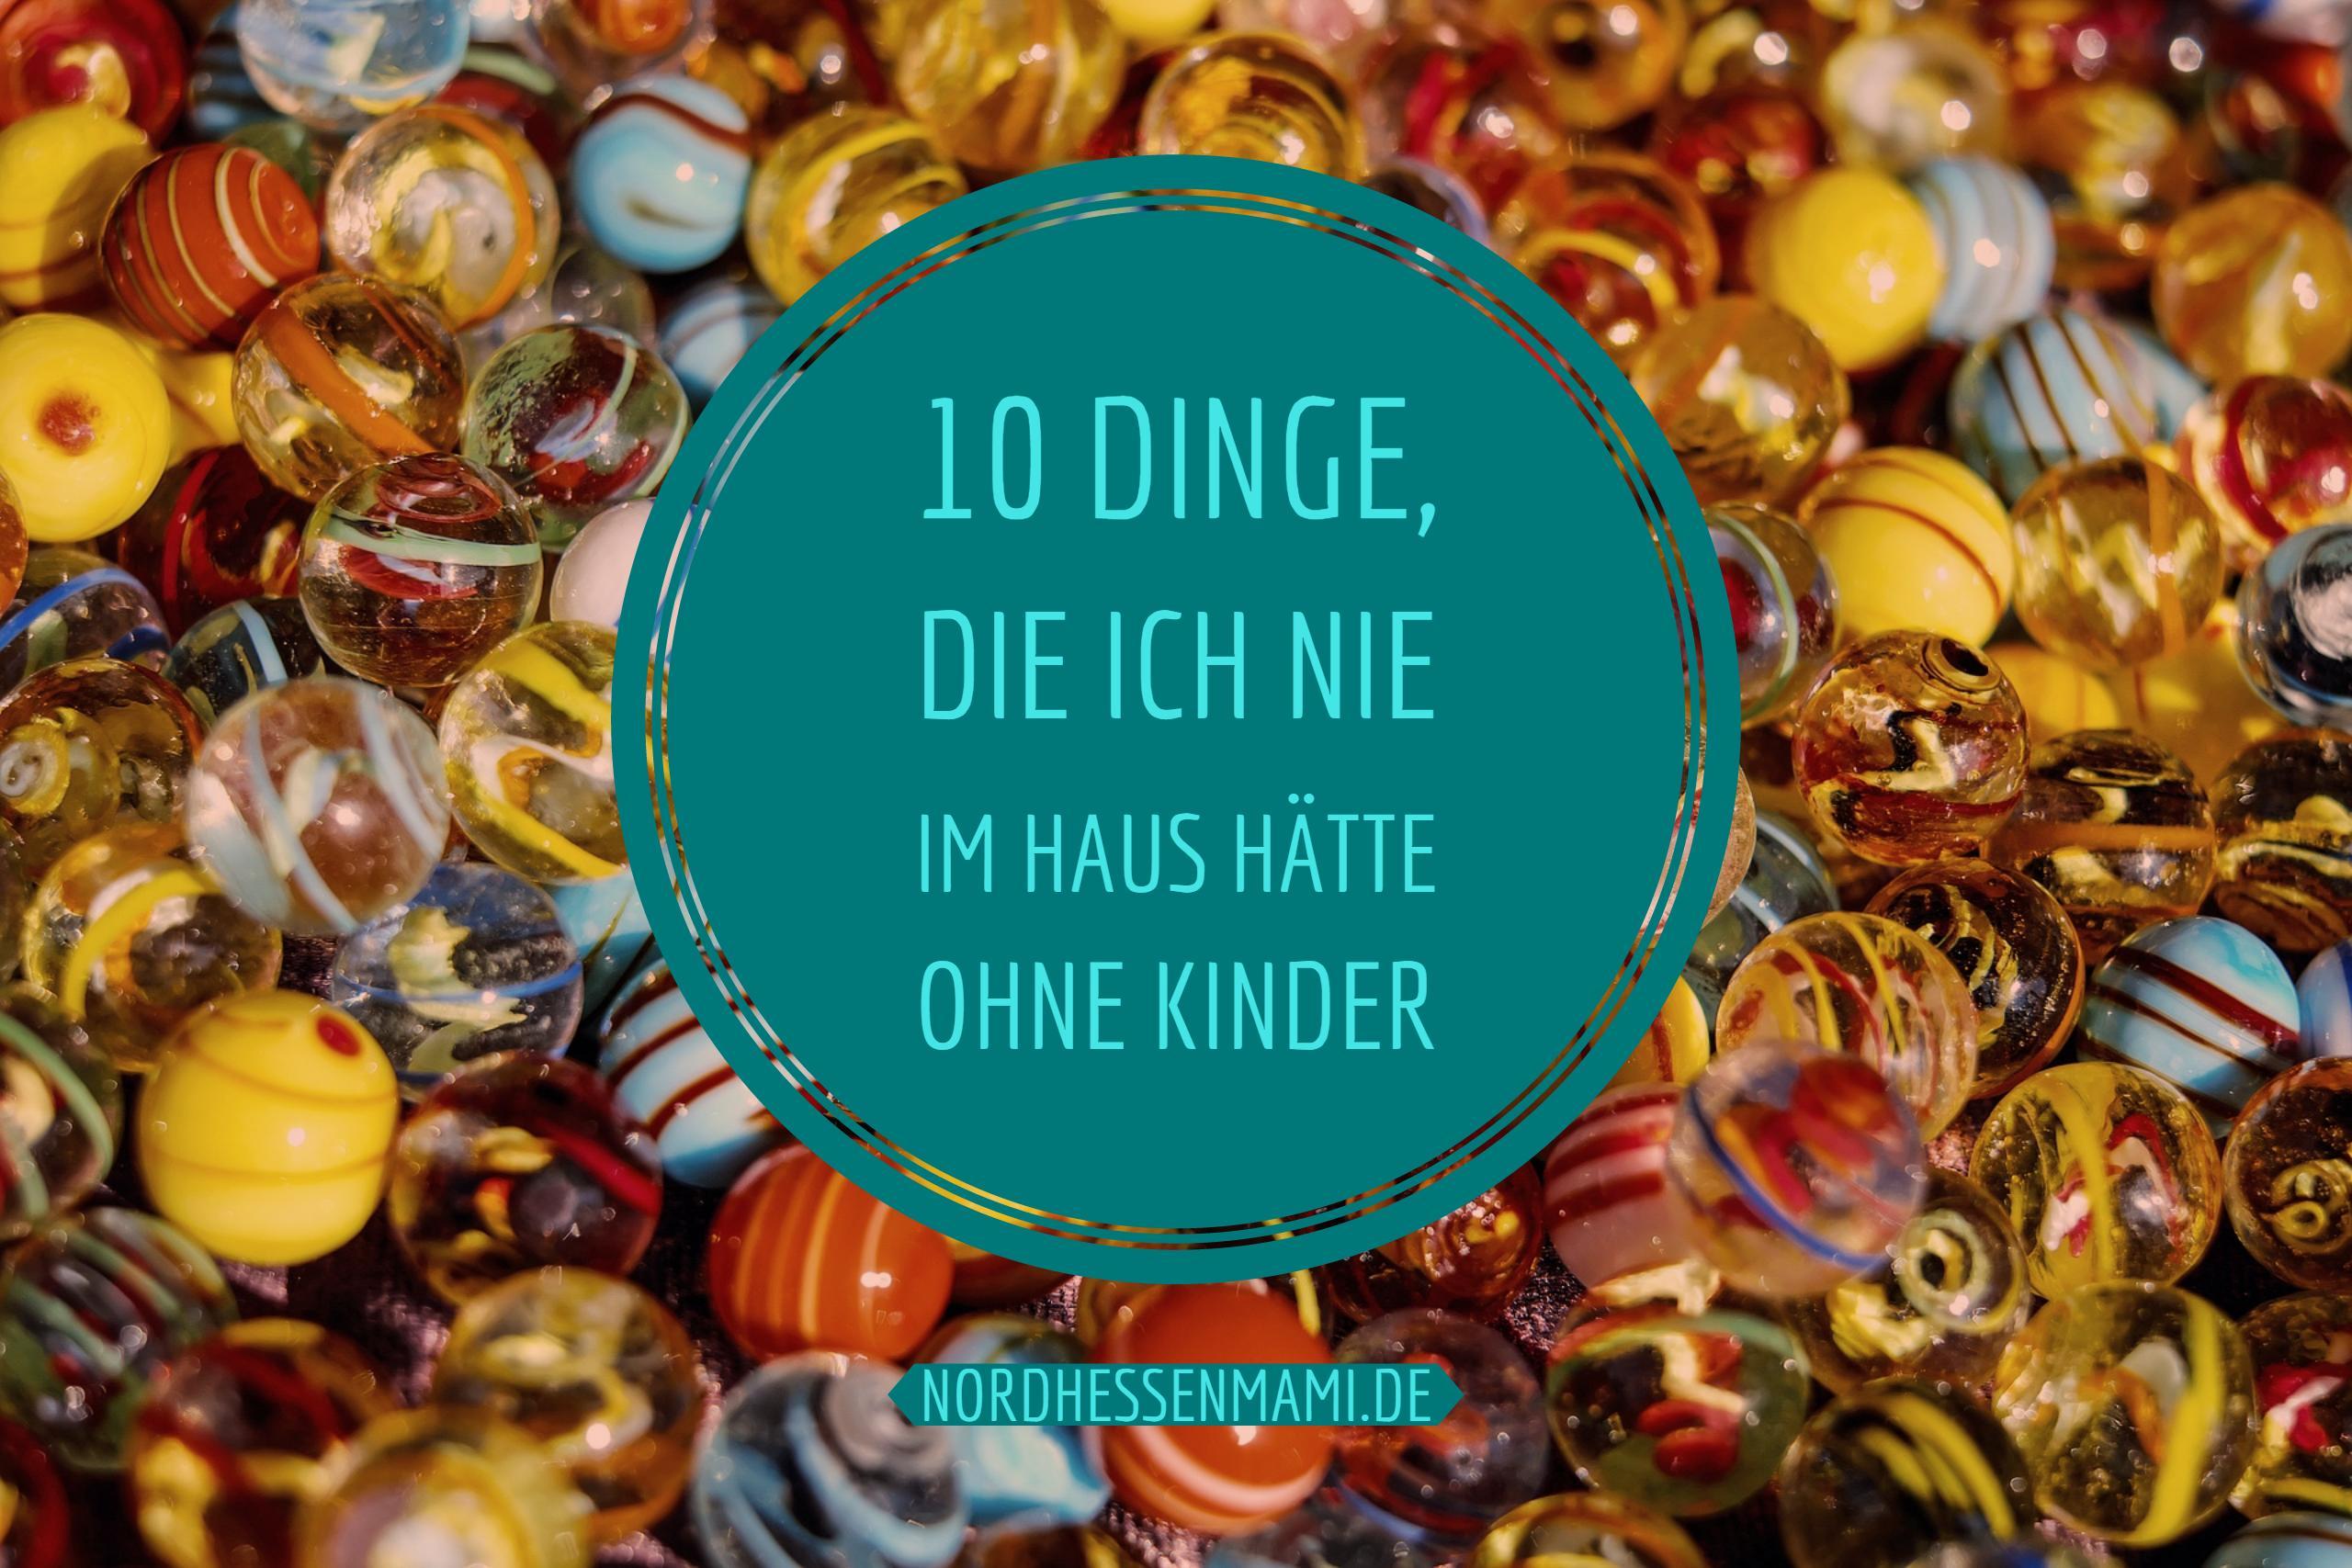 10 Dinge, die ich nie im Haus hätte ohne Kind › nordhessenmami.de